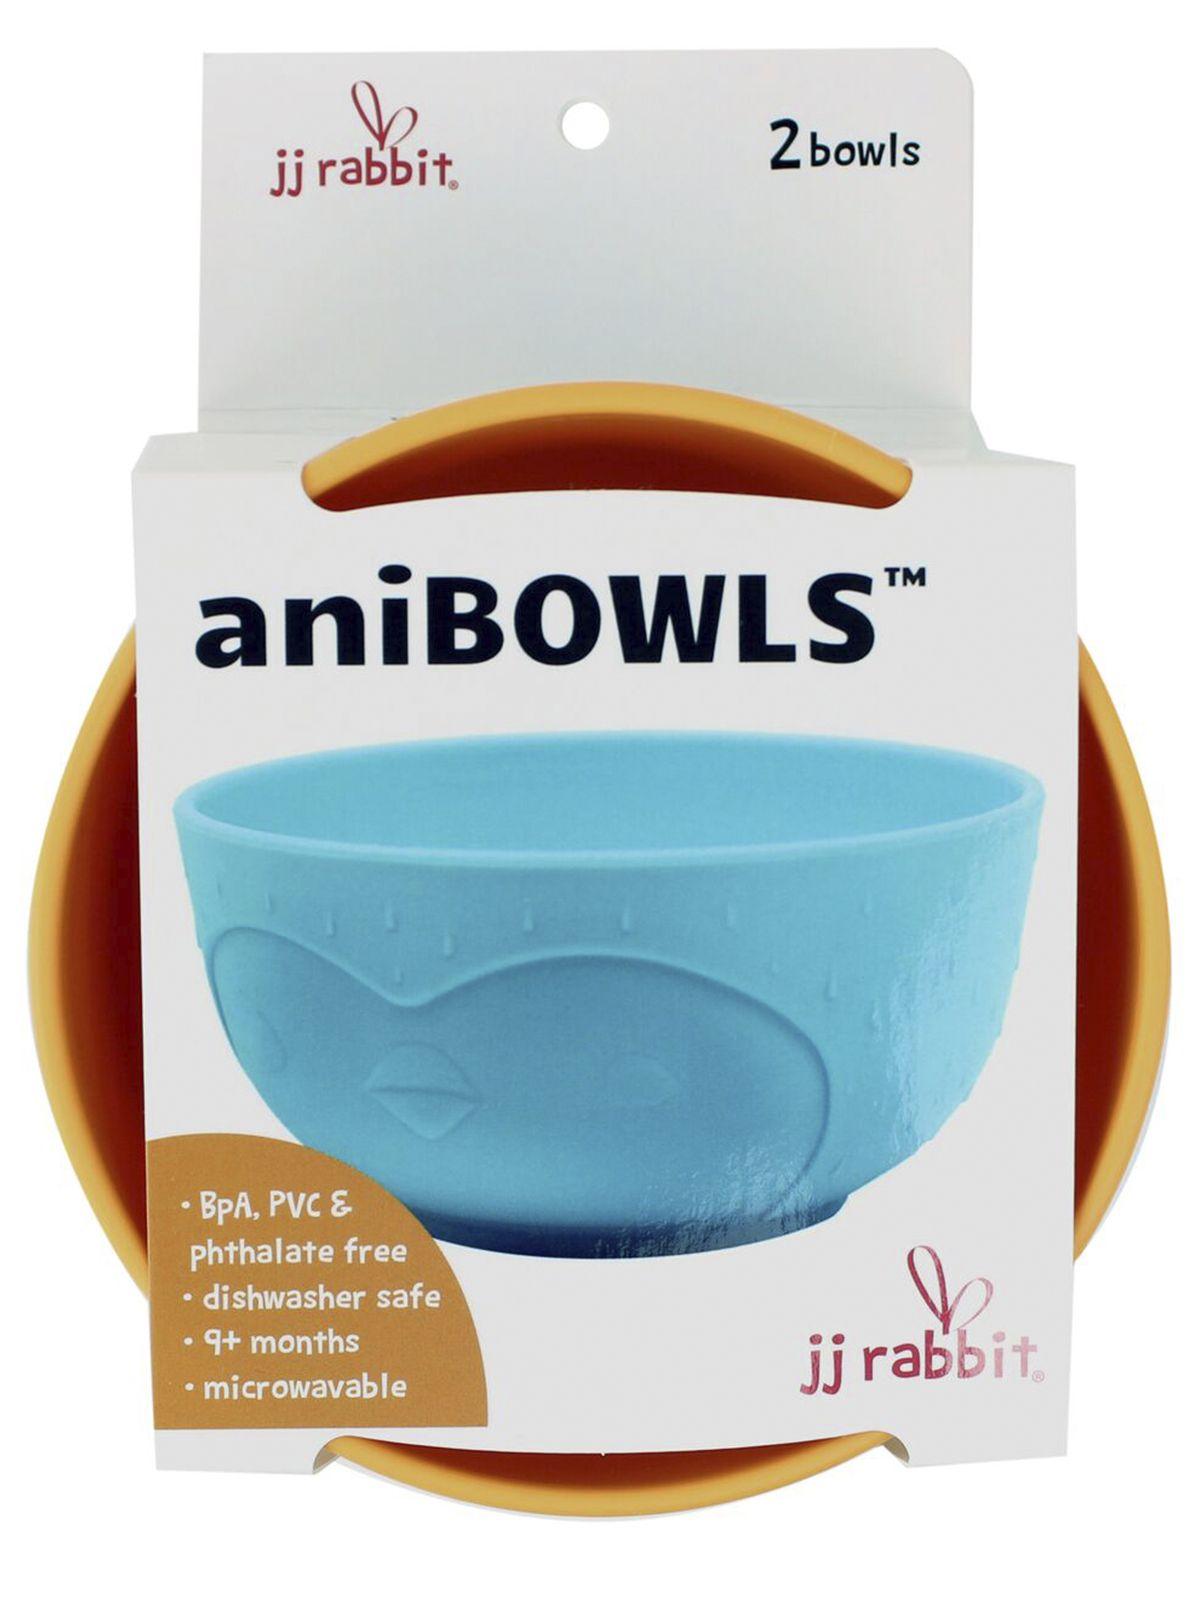 Пинкл (Pinkl) | Детская миска для кормления aniBOWLS пингвин(2шт) | Jjrabbit Anibowl Penguin